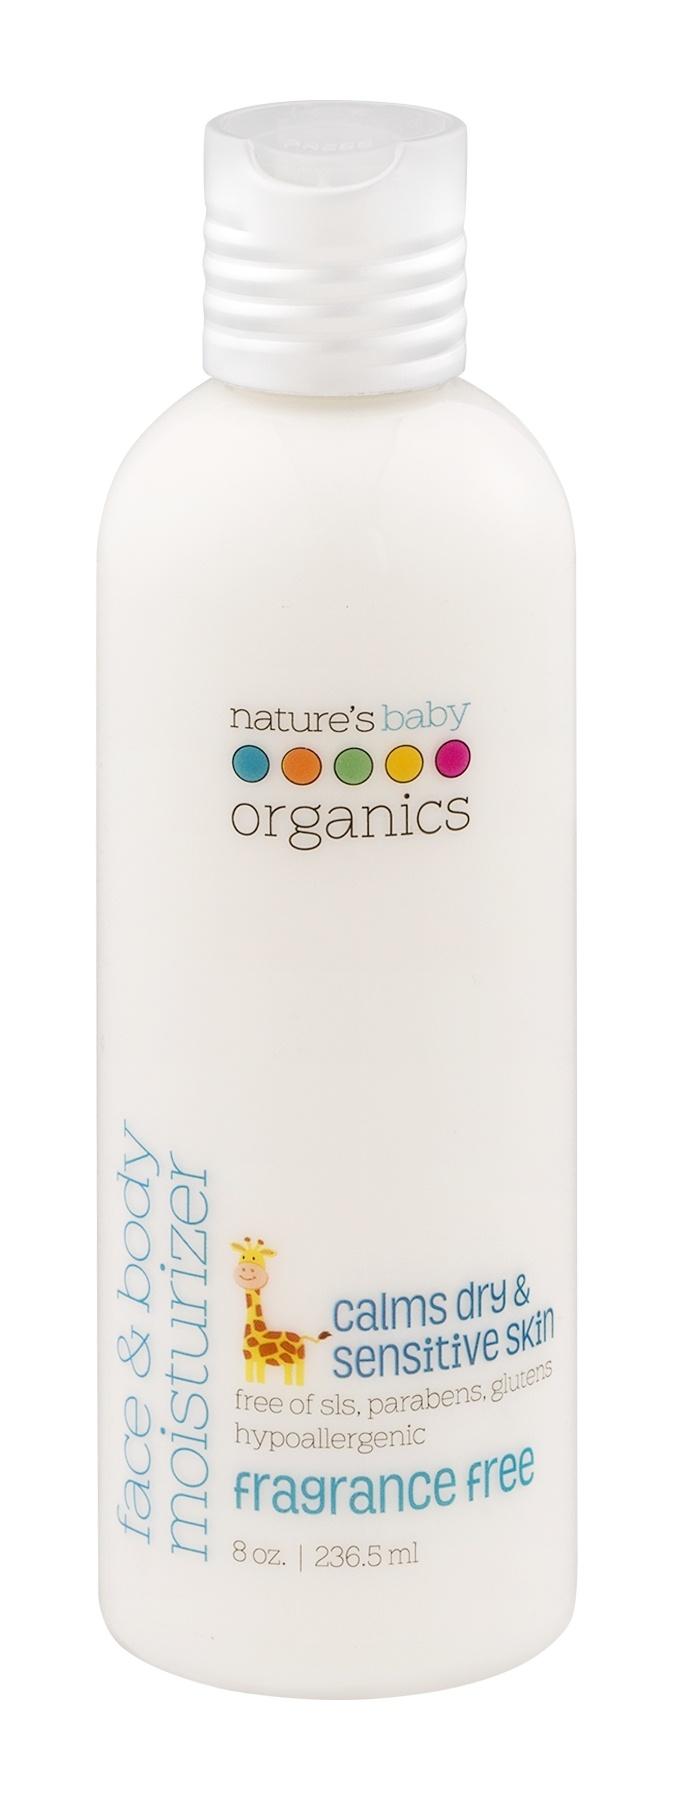 Увлажняющее молочко для лица и тела Natures Baby Organics